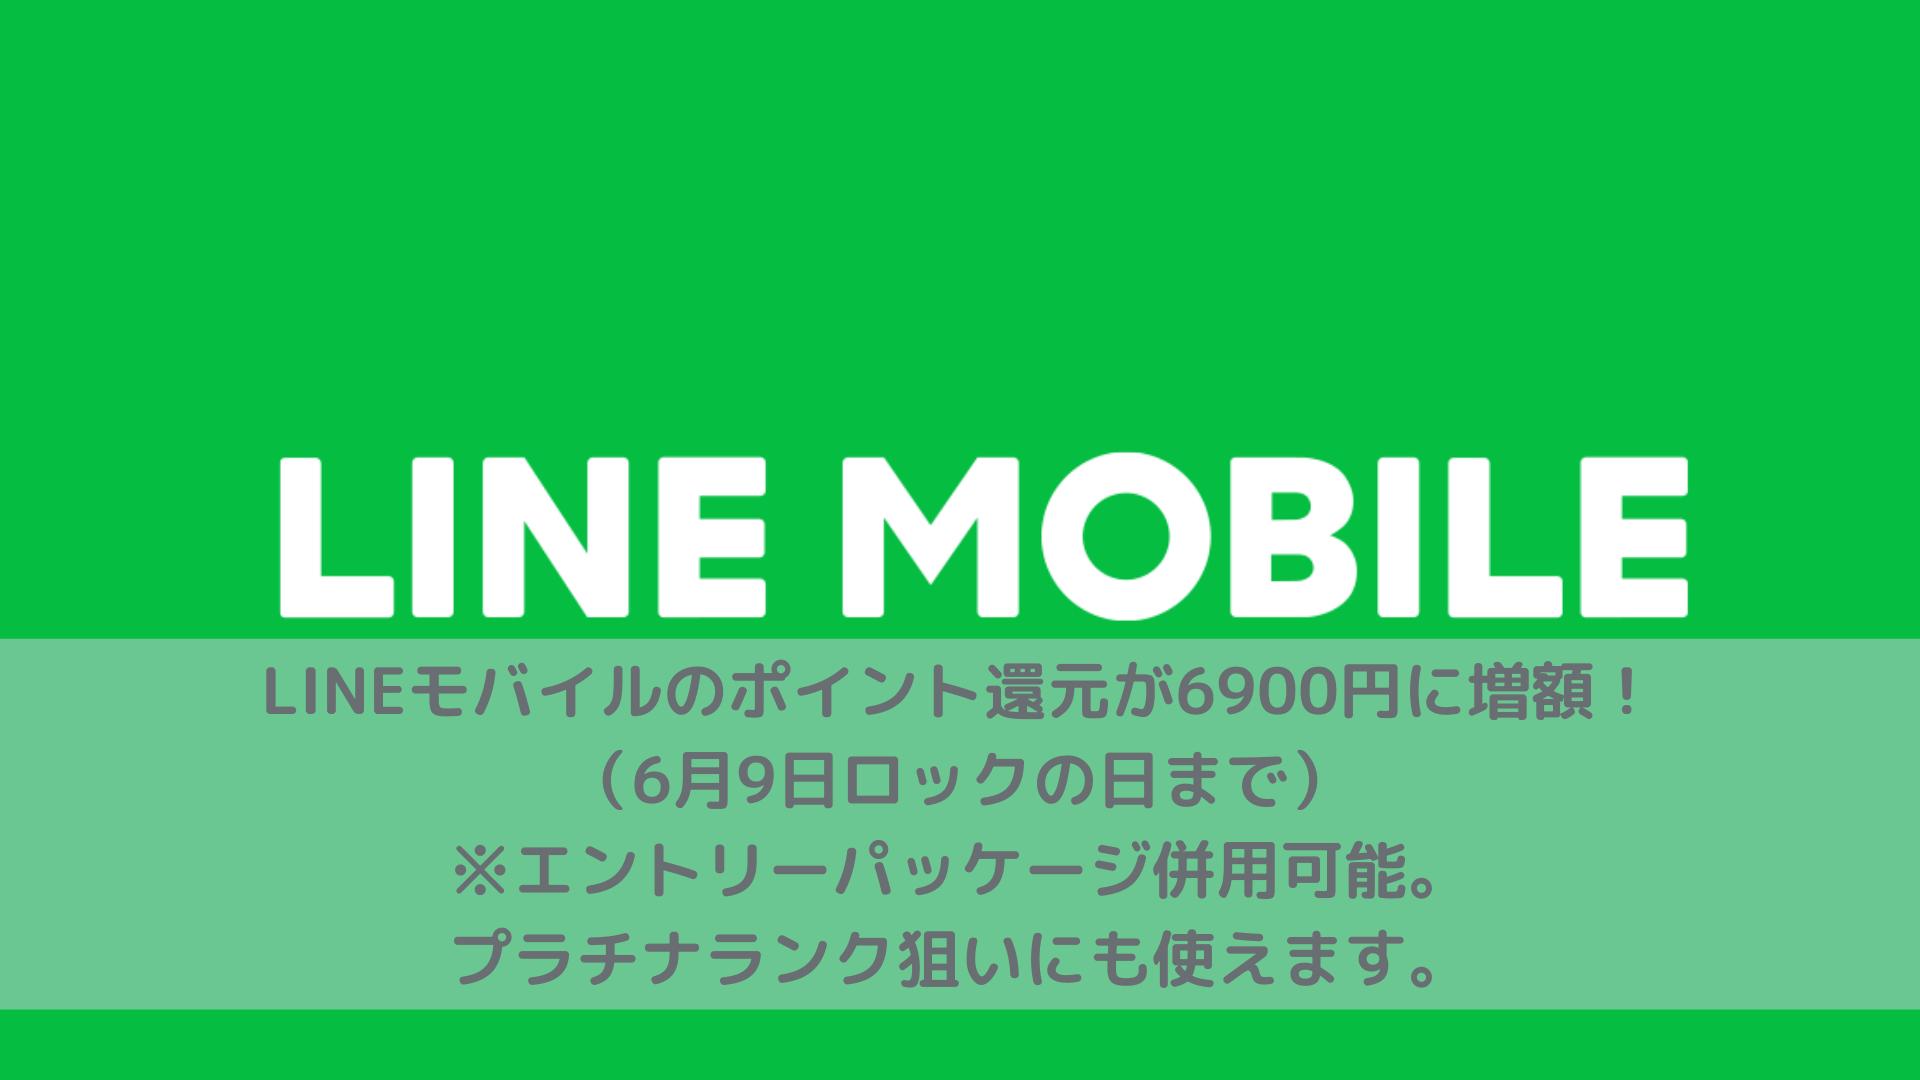 LINEモバイルのポイント還元が6900円に増額!(6月9日ロックの日まで)※エントリーパッケージ併用可能。プラチナランク狙いにも使えます。